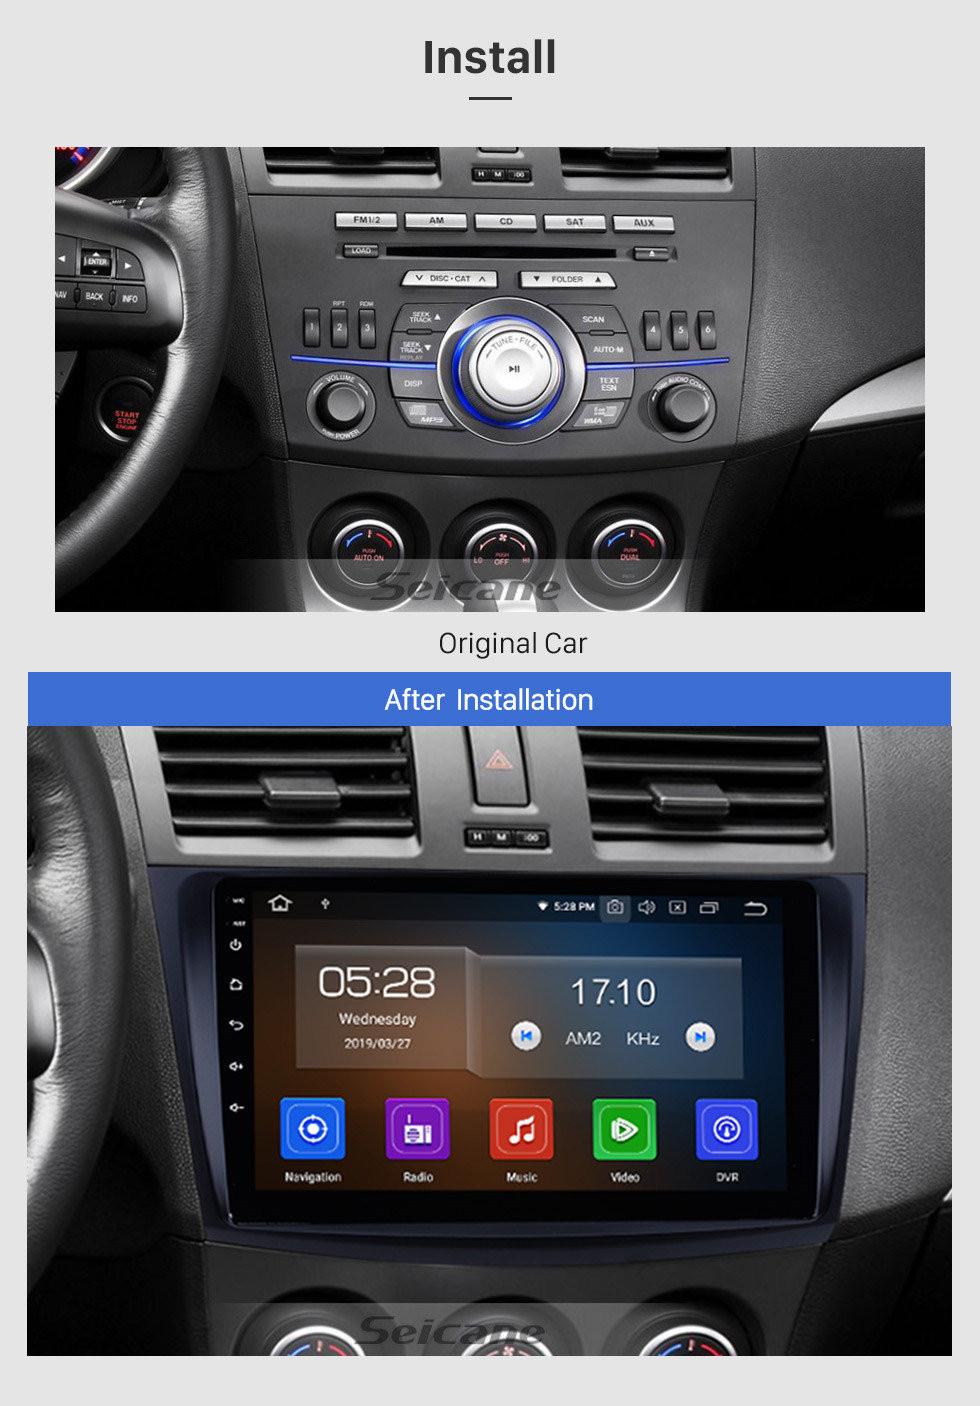 Seicane 9-дюймовый Android 10.0 Autoradio Stereo для 2009 2010 2011 2012 MAZDA 3 GPS радионавигационная система с Bluetooth Зеркальная связь HD сенсорный экран OBD DVR Камера заднего вида ТВ USB 3G WIFI